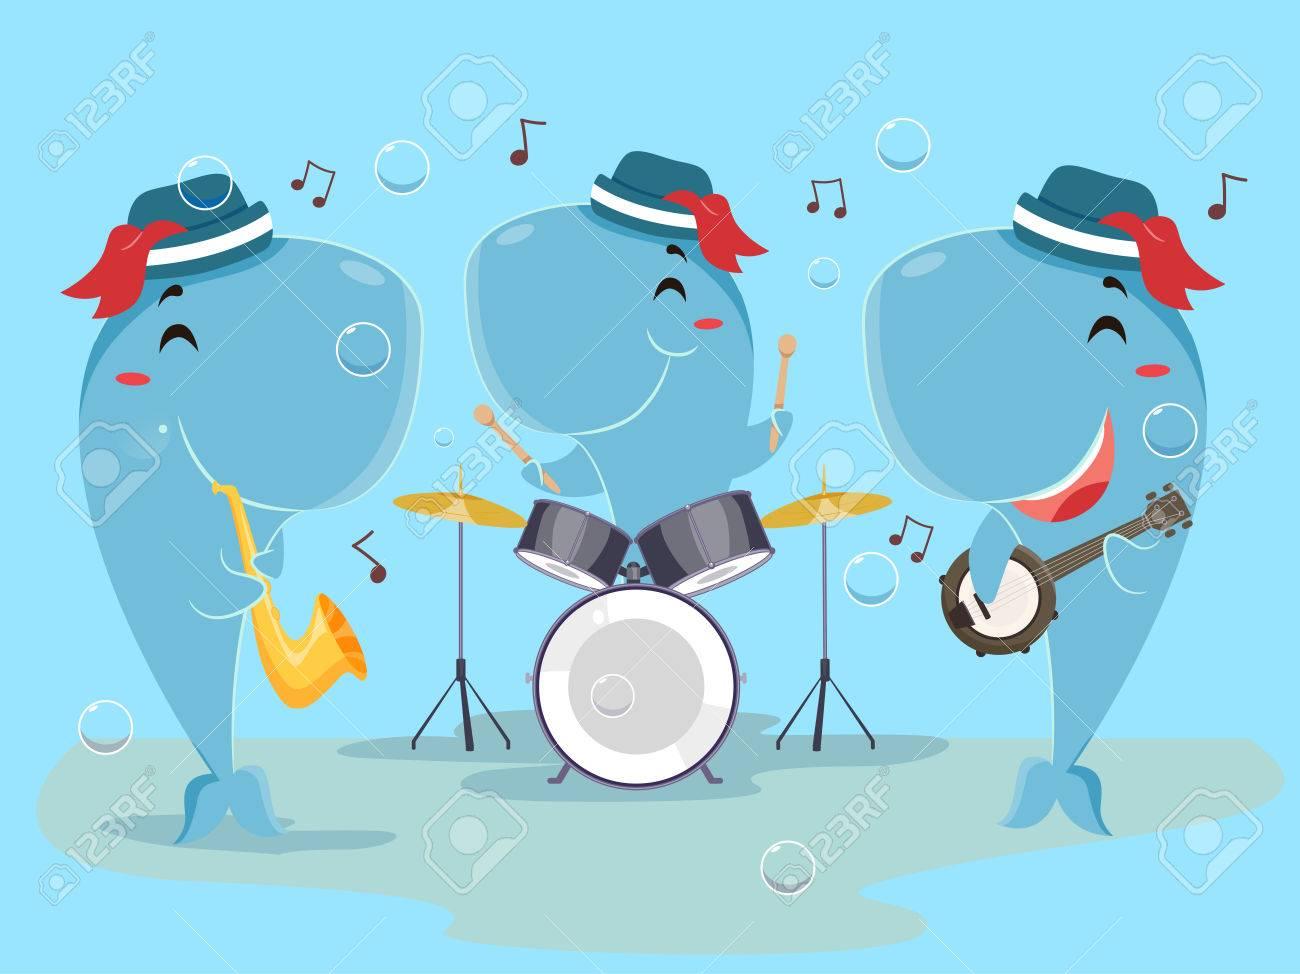 ドラム ホーン バンジョーを演奏するクジラ バンドのかわいい動物イラスト の写真素材 画像素材 Image